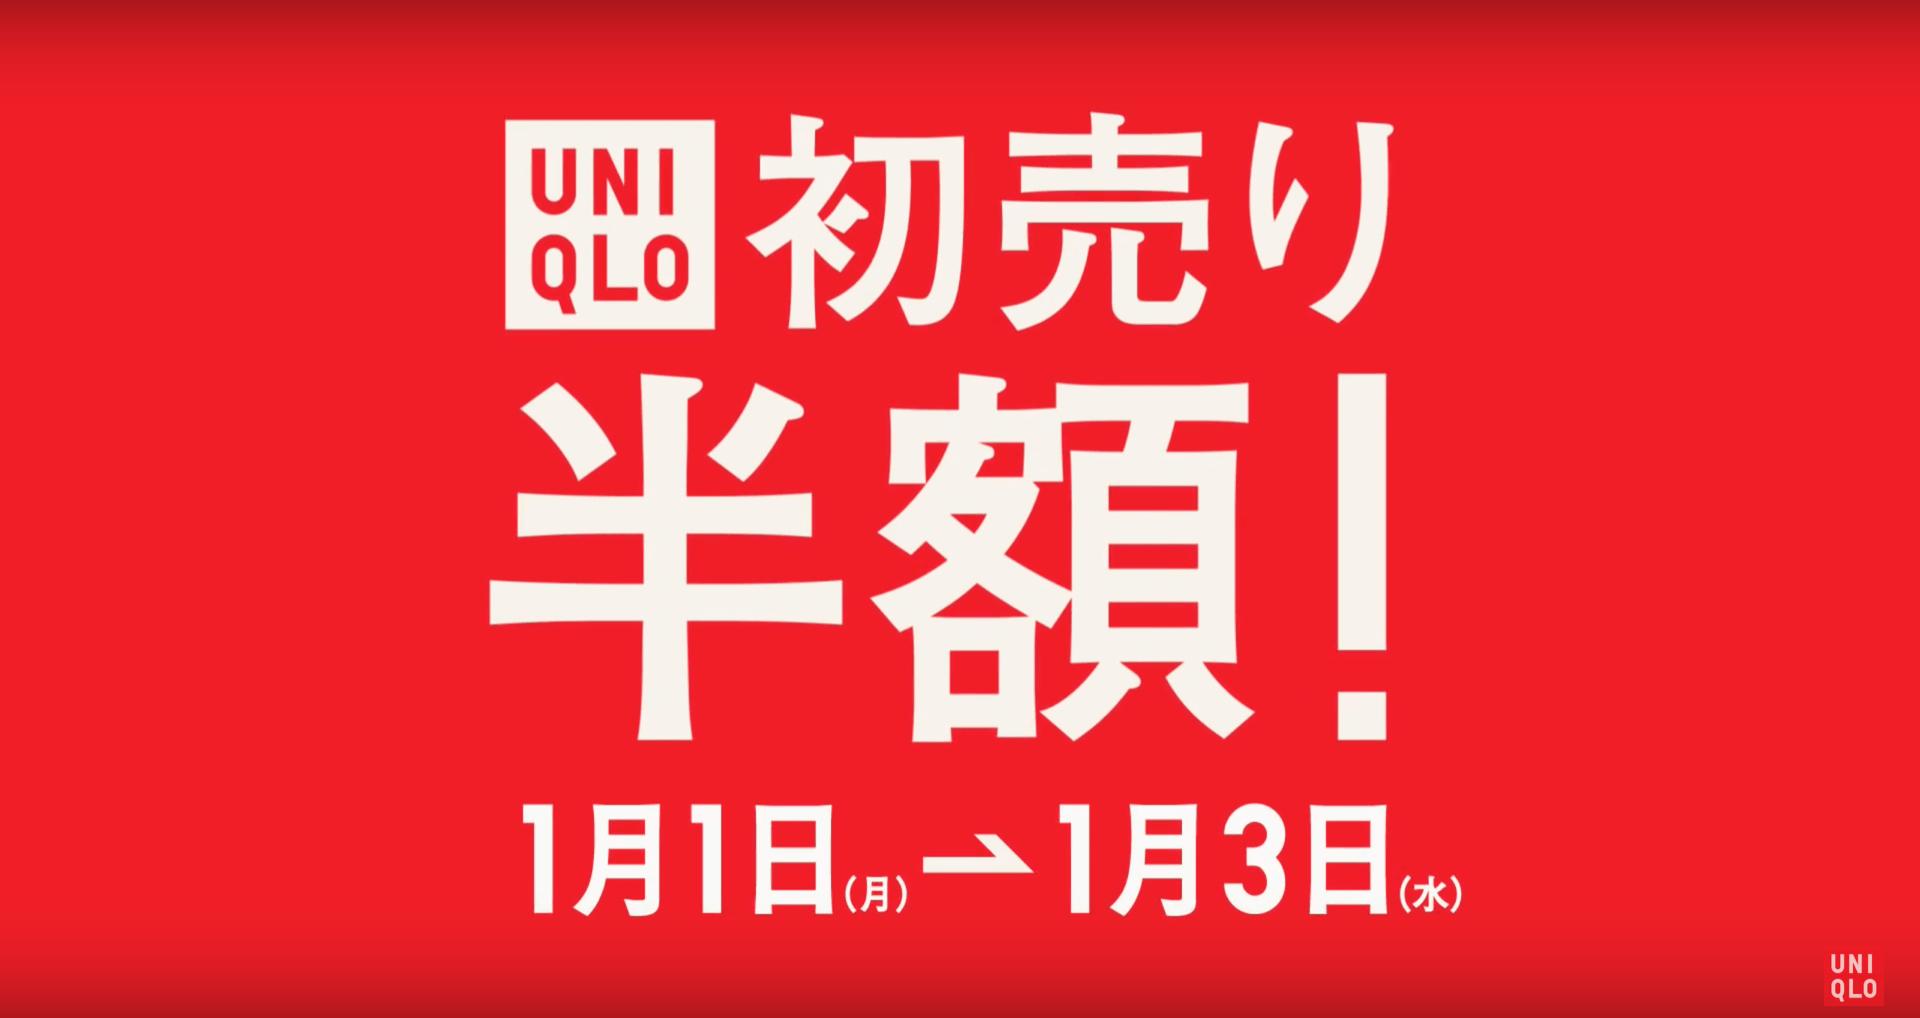 2018年ユニクロの初売り★カシミヤニットが半額でゲットできる!チラシをチェック✔️